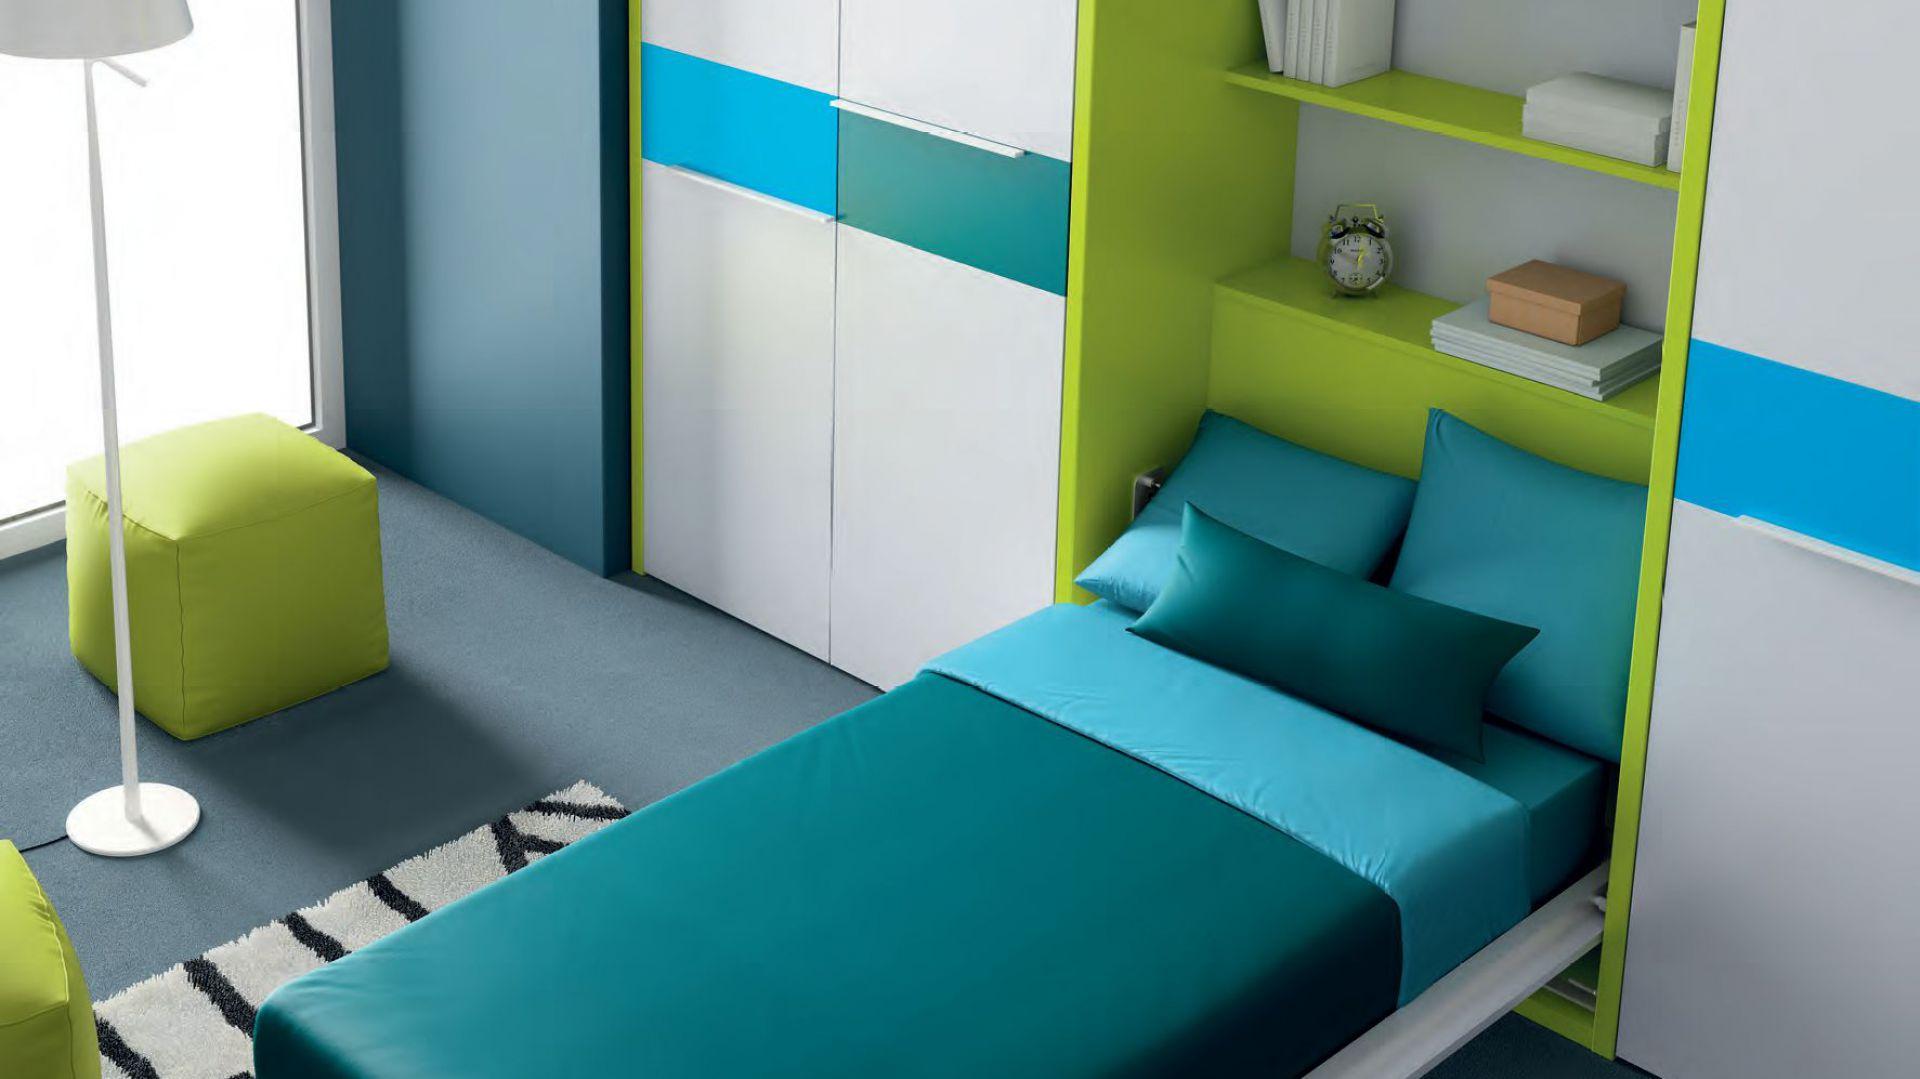 rozk adane ko to ko w szafie praktyczny mebel do ma ego pokoju. Black Bedroom Furniture Sets. Home Design Ideas